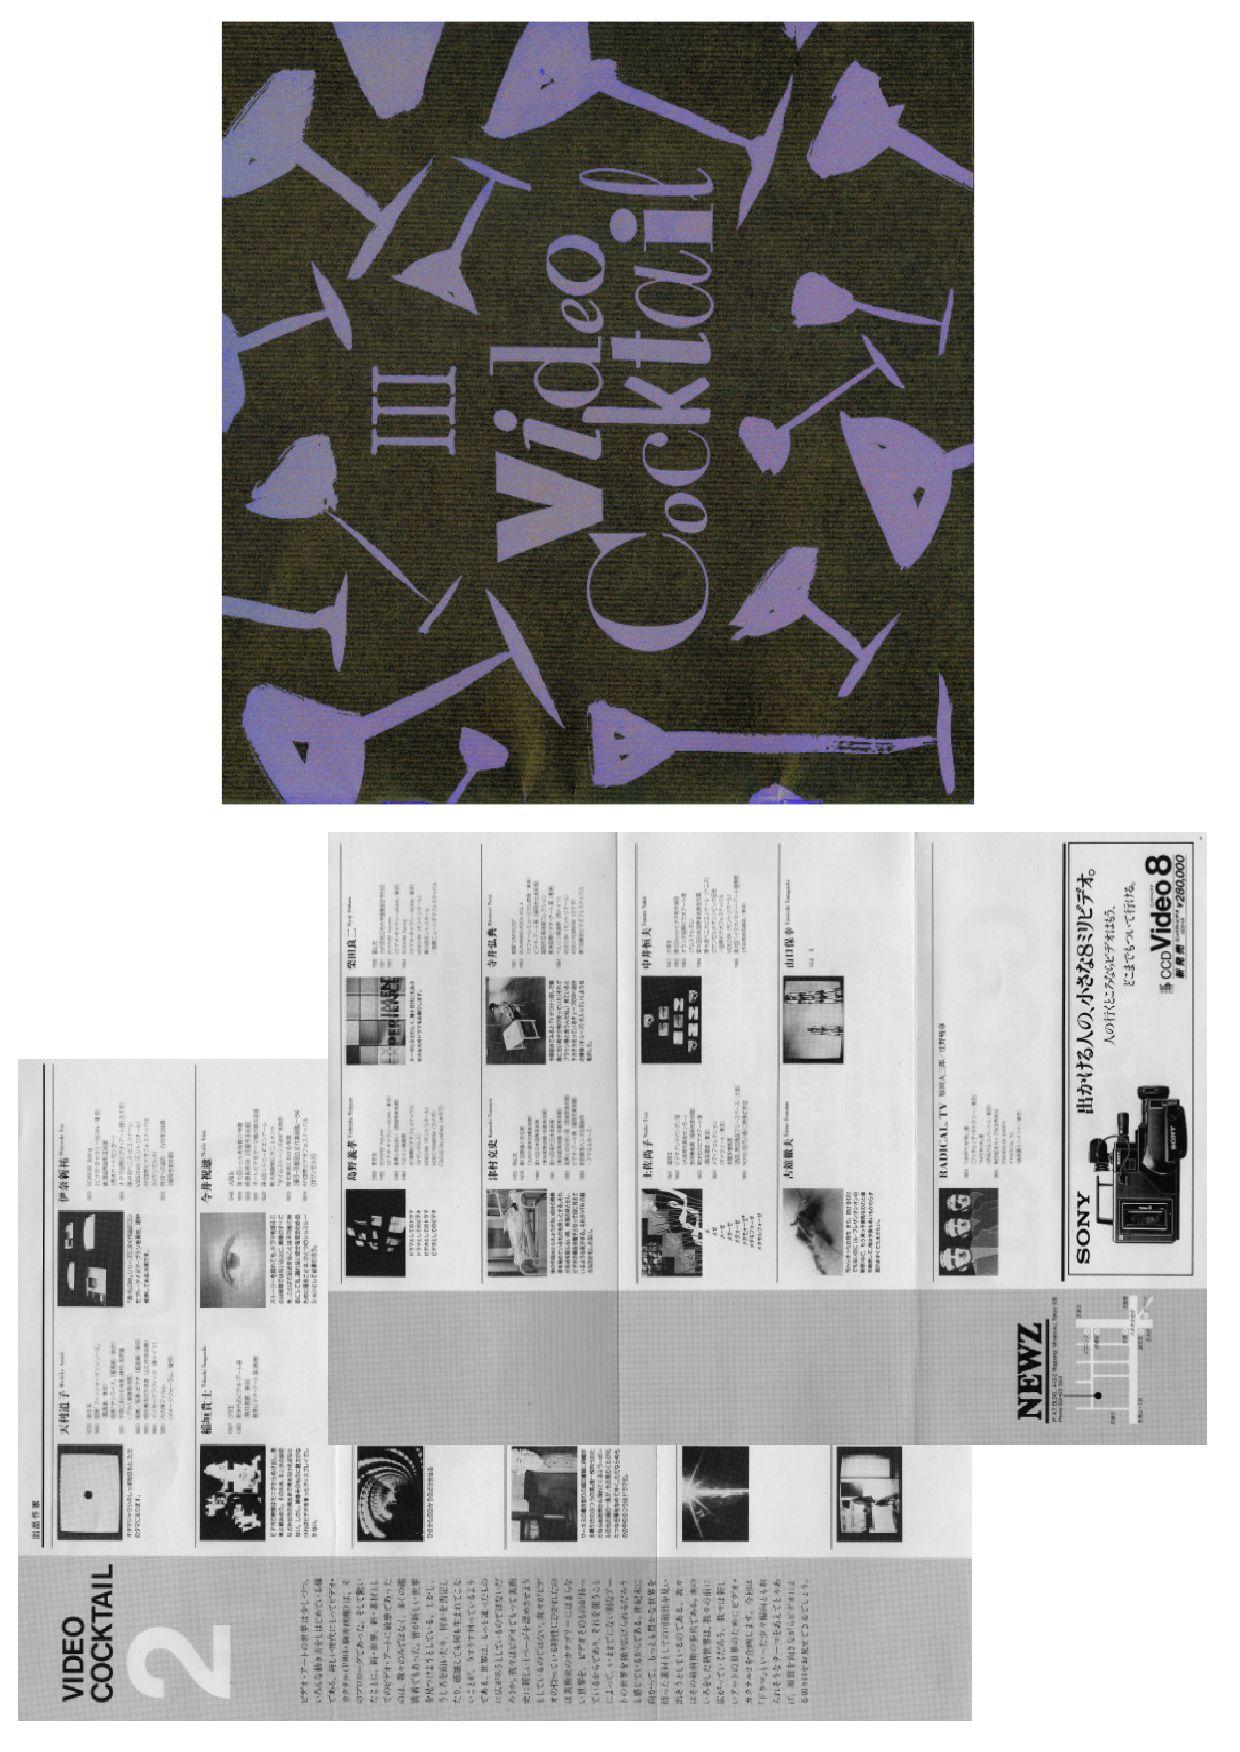 (1) и (2): Брошюра к«Videococktail II». (3) Обложка каталога «Videococktail III» (1986).Courtesy: сканы предоставлены